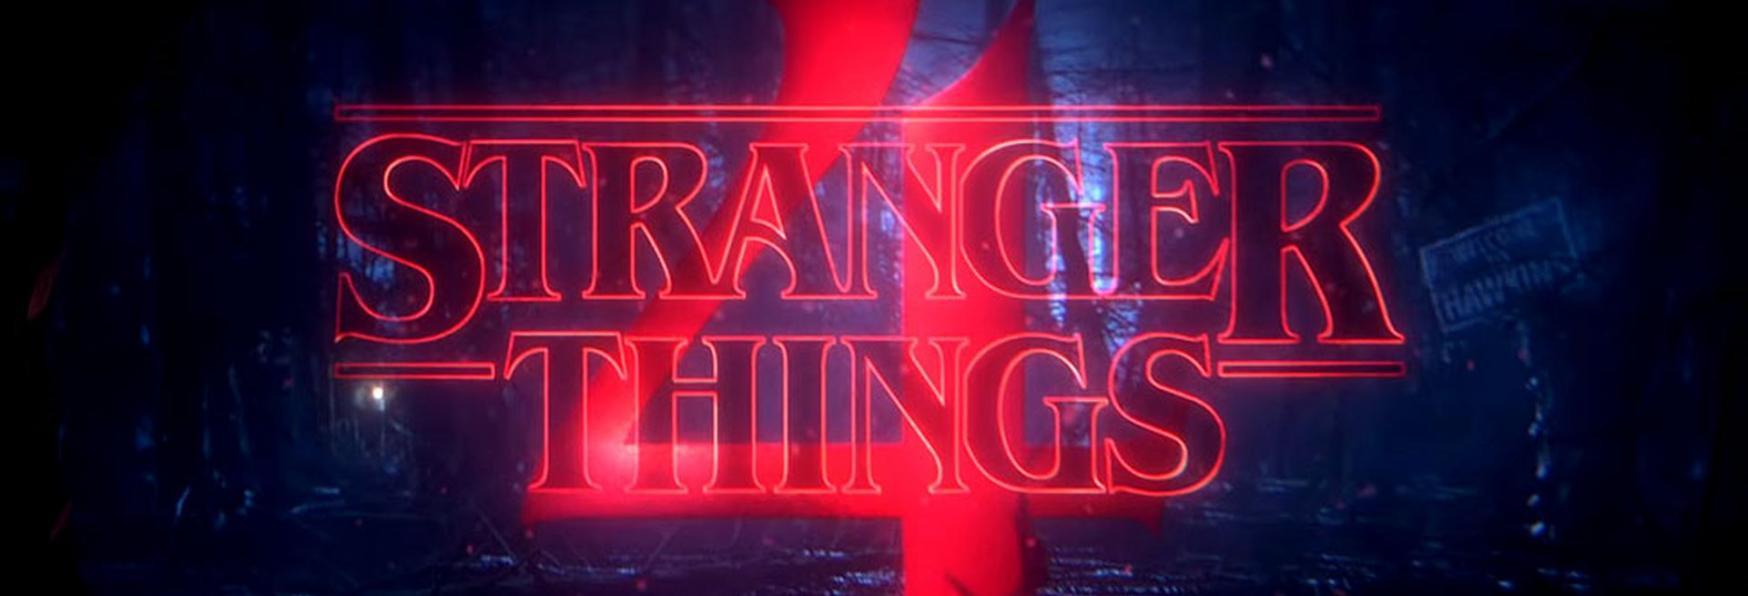 Stranger Things 4: Netflix annuncia l'Inizio delle Riprese della nuova Stagione